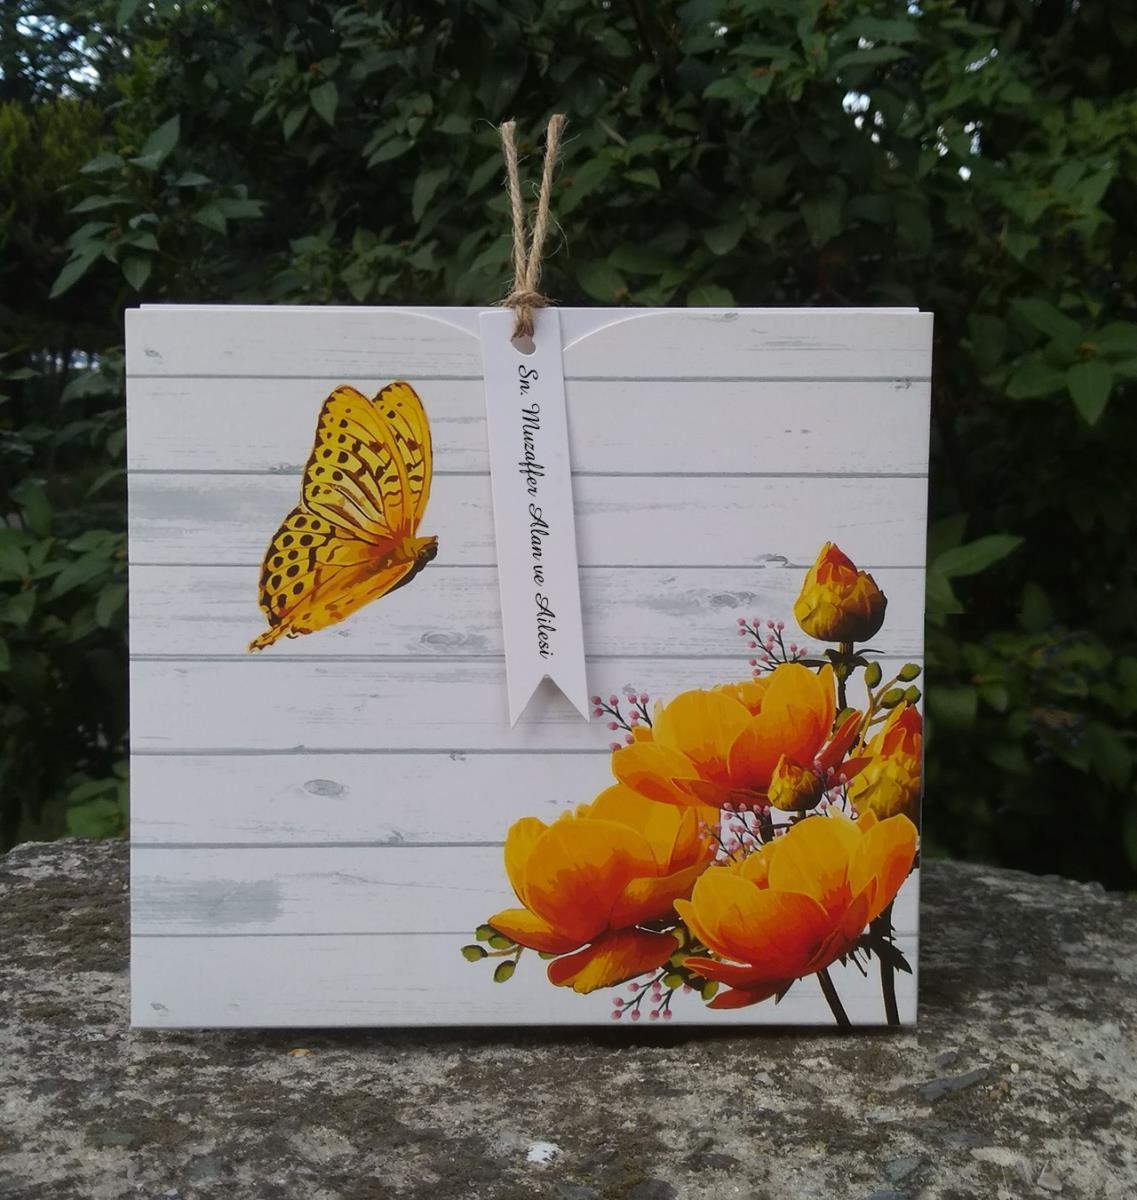 Kucak dolusu sarı güllere zarif bir kelebek dokunuşu bulunan özgün tasarım davetiye modeli.